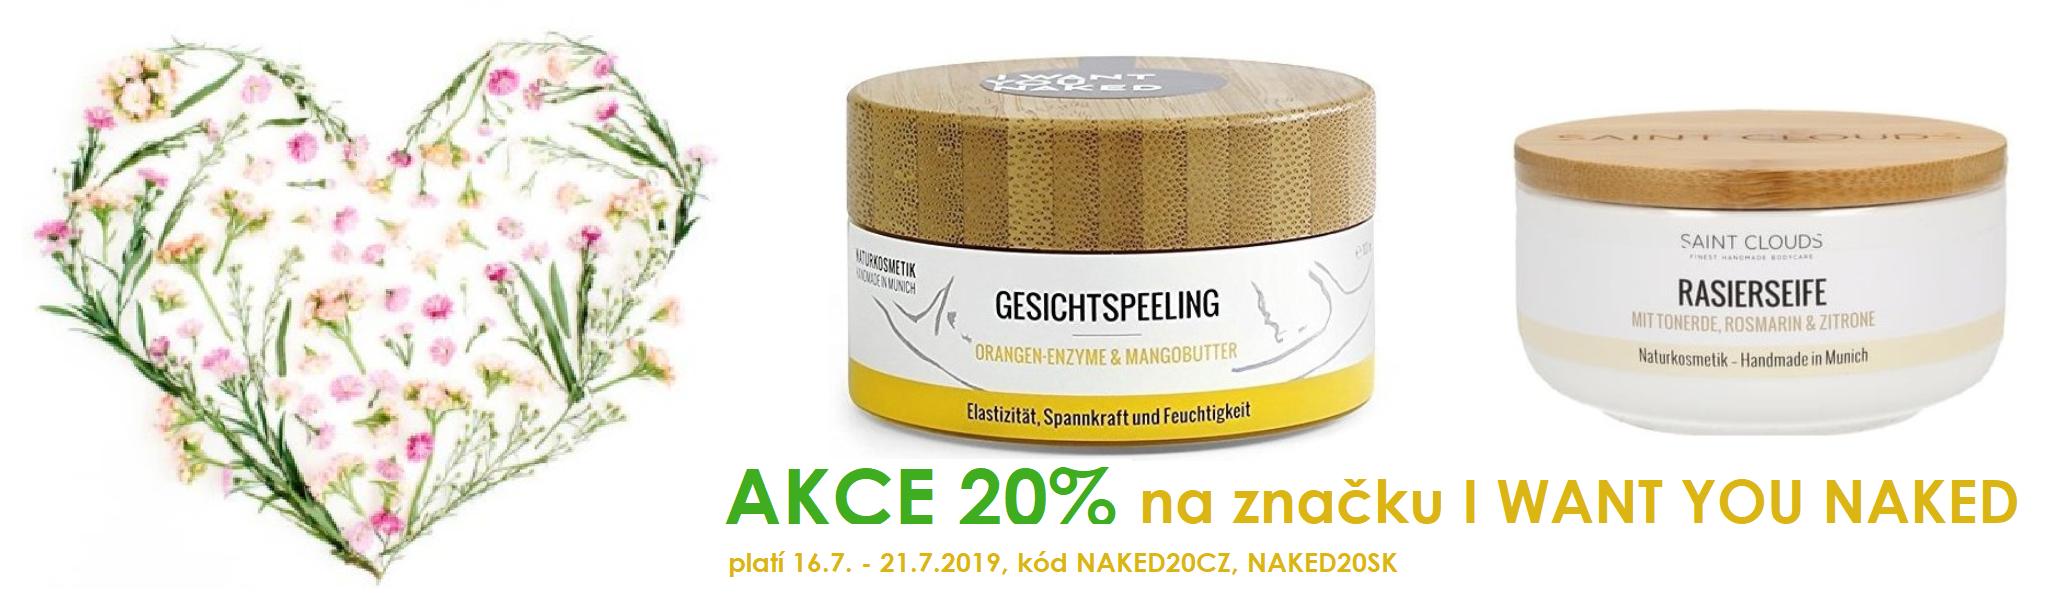 Akce na nemeckou přírodní kosmetiku